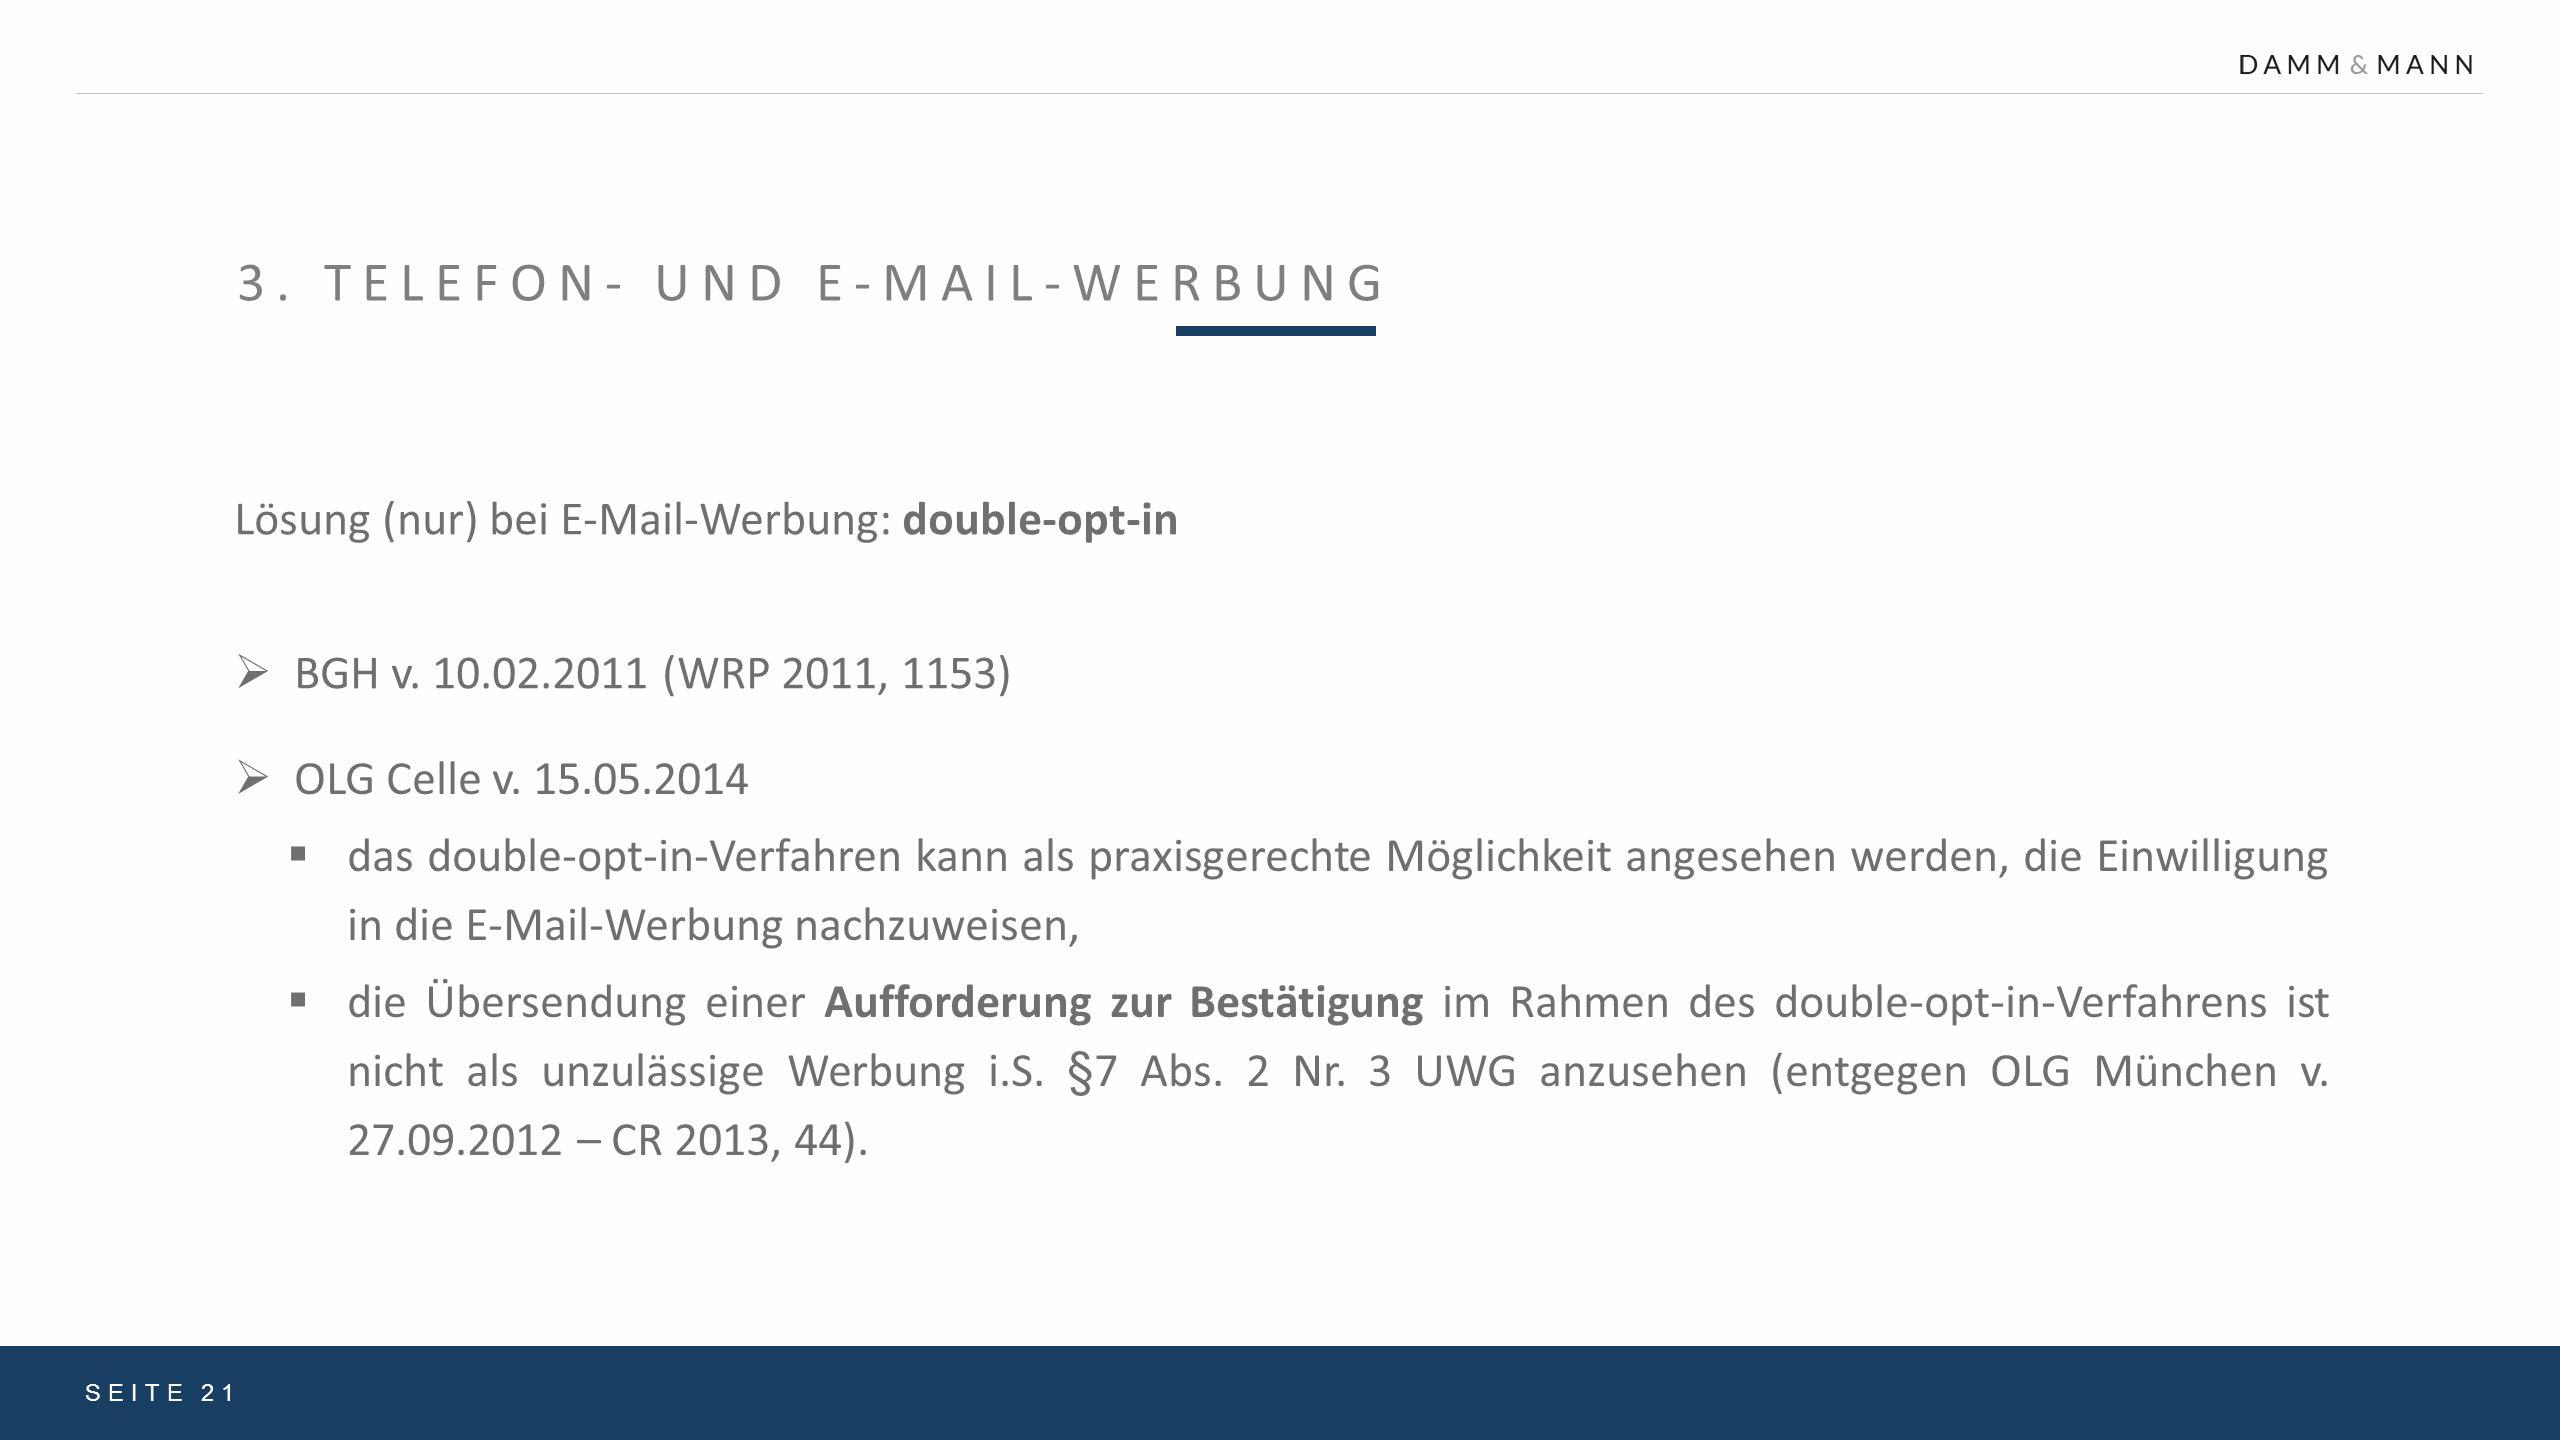 3. TELEFON- UND E-MAIL-WERBUNG SEITE 21 Lösung (nur) bei E-Mail-Werbung: double-opt-in  BGH v. 10.02.2011 (WRP 2011, 1153)  OLG Celle v. 15.05.2014